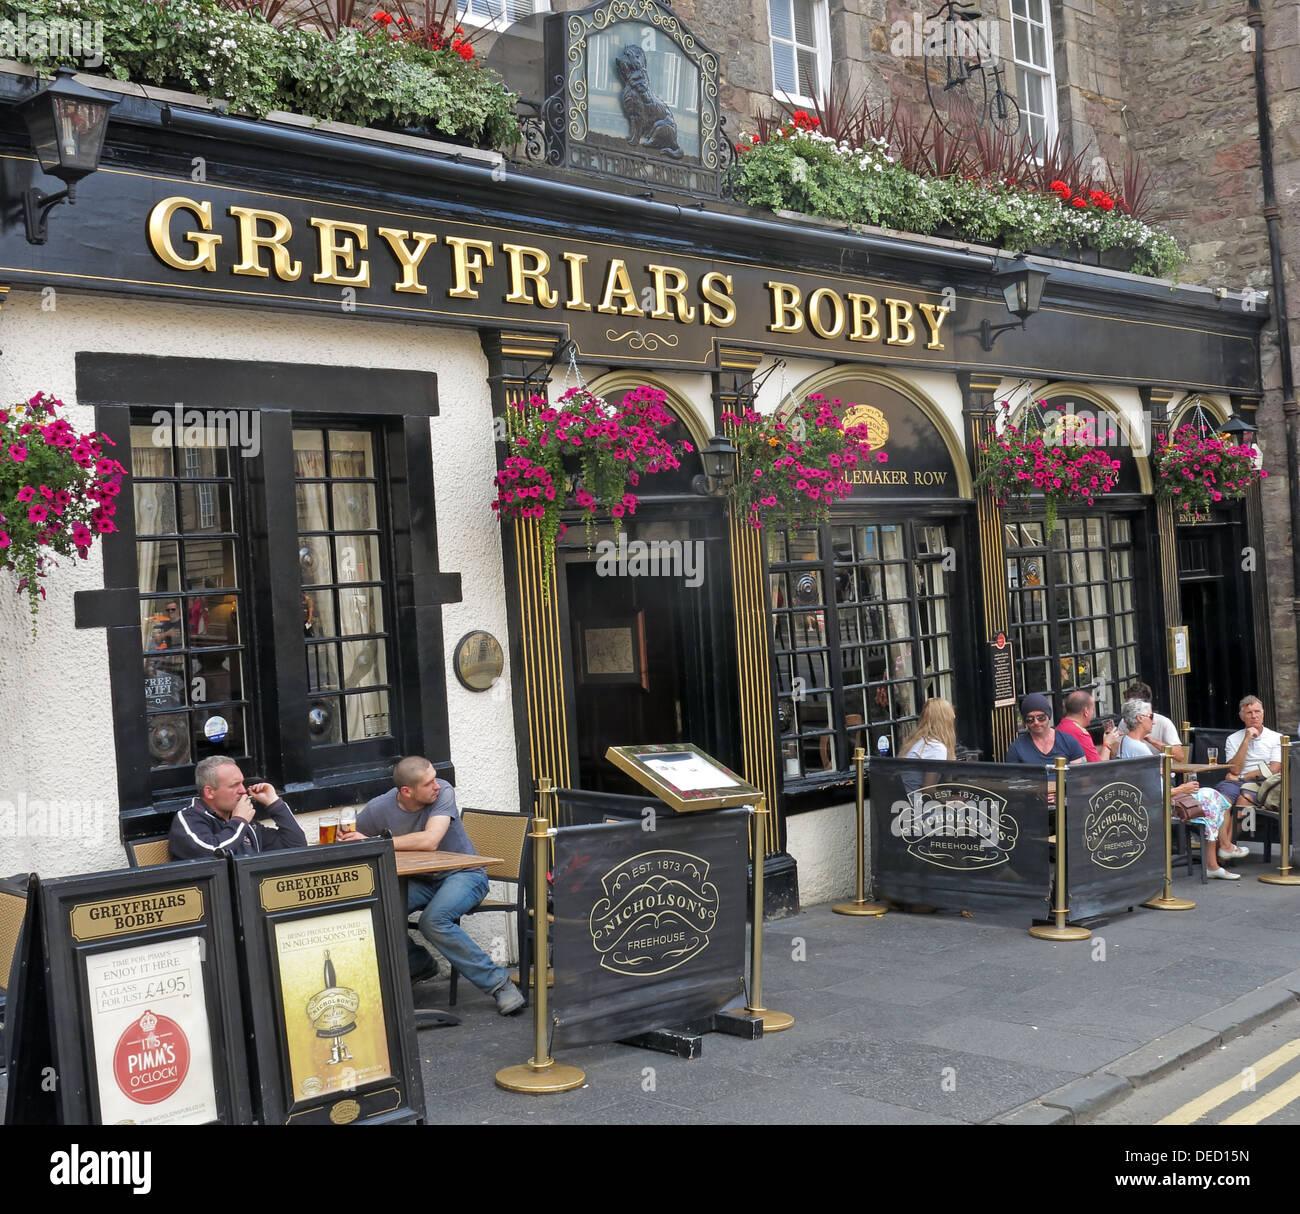 Laden Sie dieses Alamy Stockfoto Greyfriars Bobby bar außen Hauptstadt Edinburgh, Schottland, Vereinigtes Königreich - DED15N